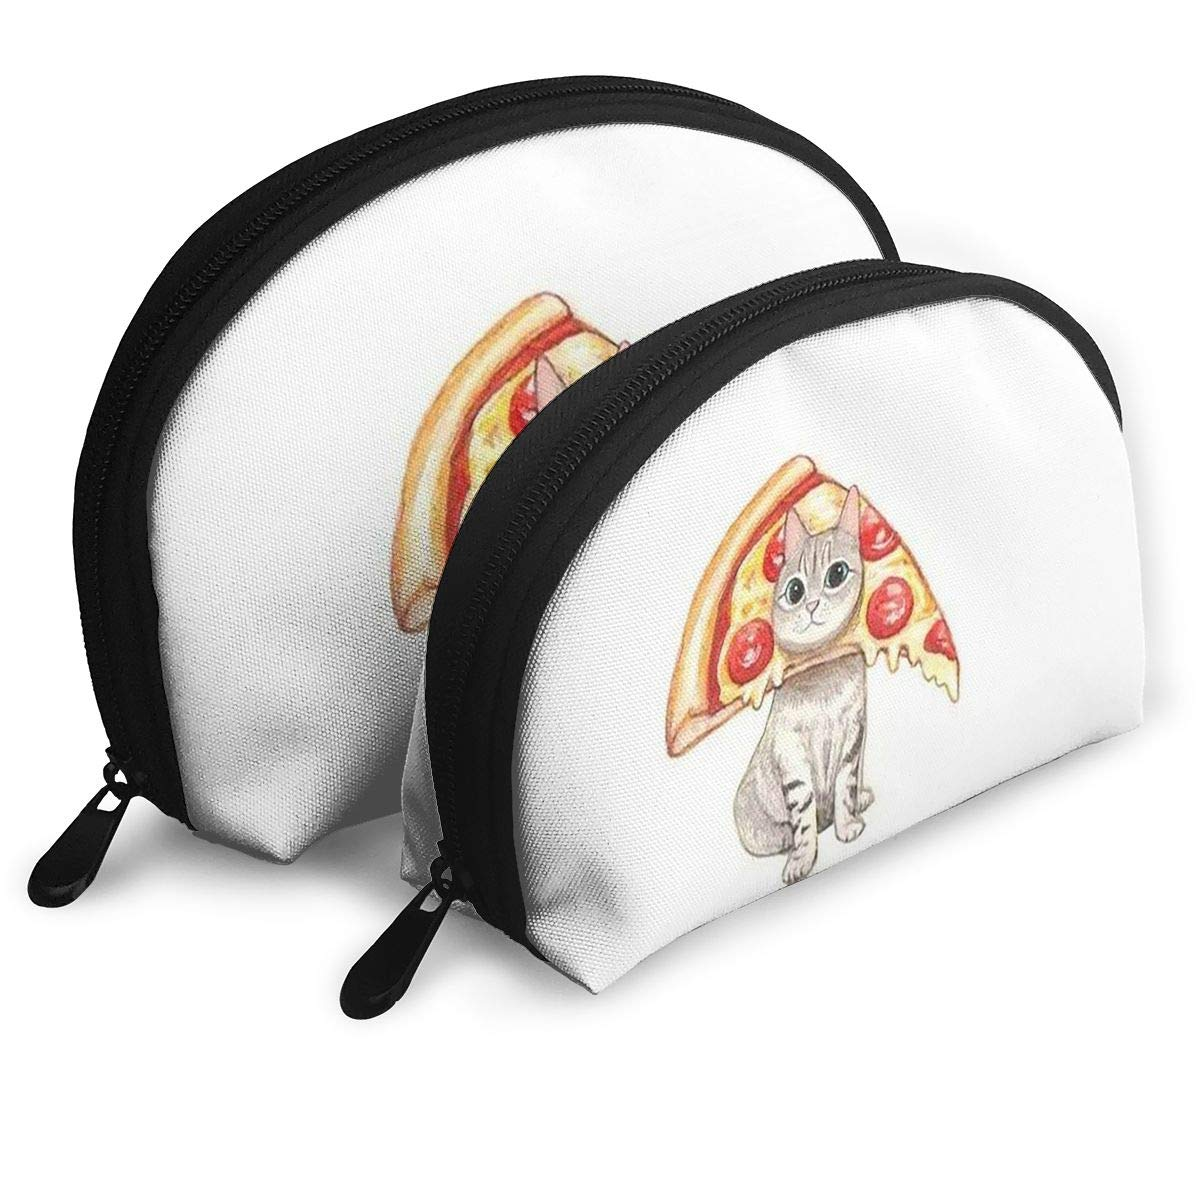 【美品】 Vyxiza 猫 ピザ 多機能 2ピース レディース シェルフィッシュ 多機能 B07KB7JT6H 猫 ポータブル 化粧品バッグ 収納バッグ B07KB7JT6H, 鍵の鉄人:4248cc6f --- garagegrands.com